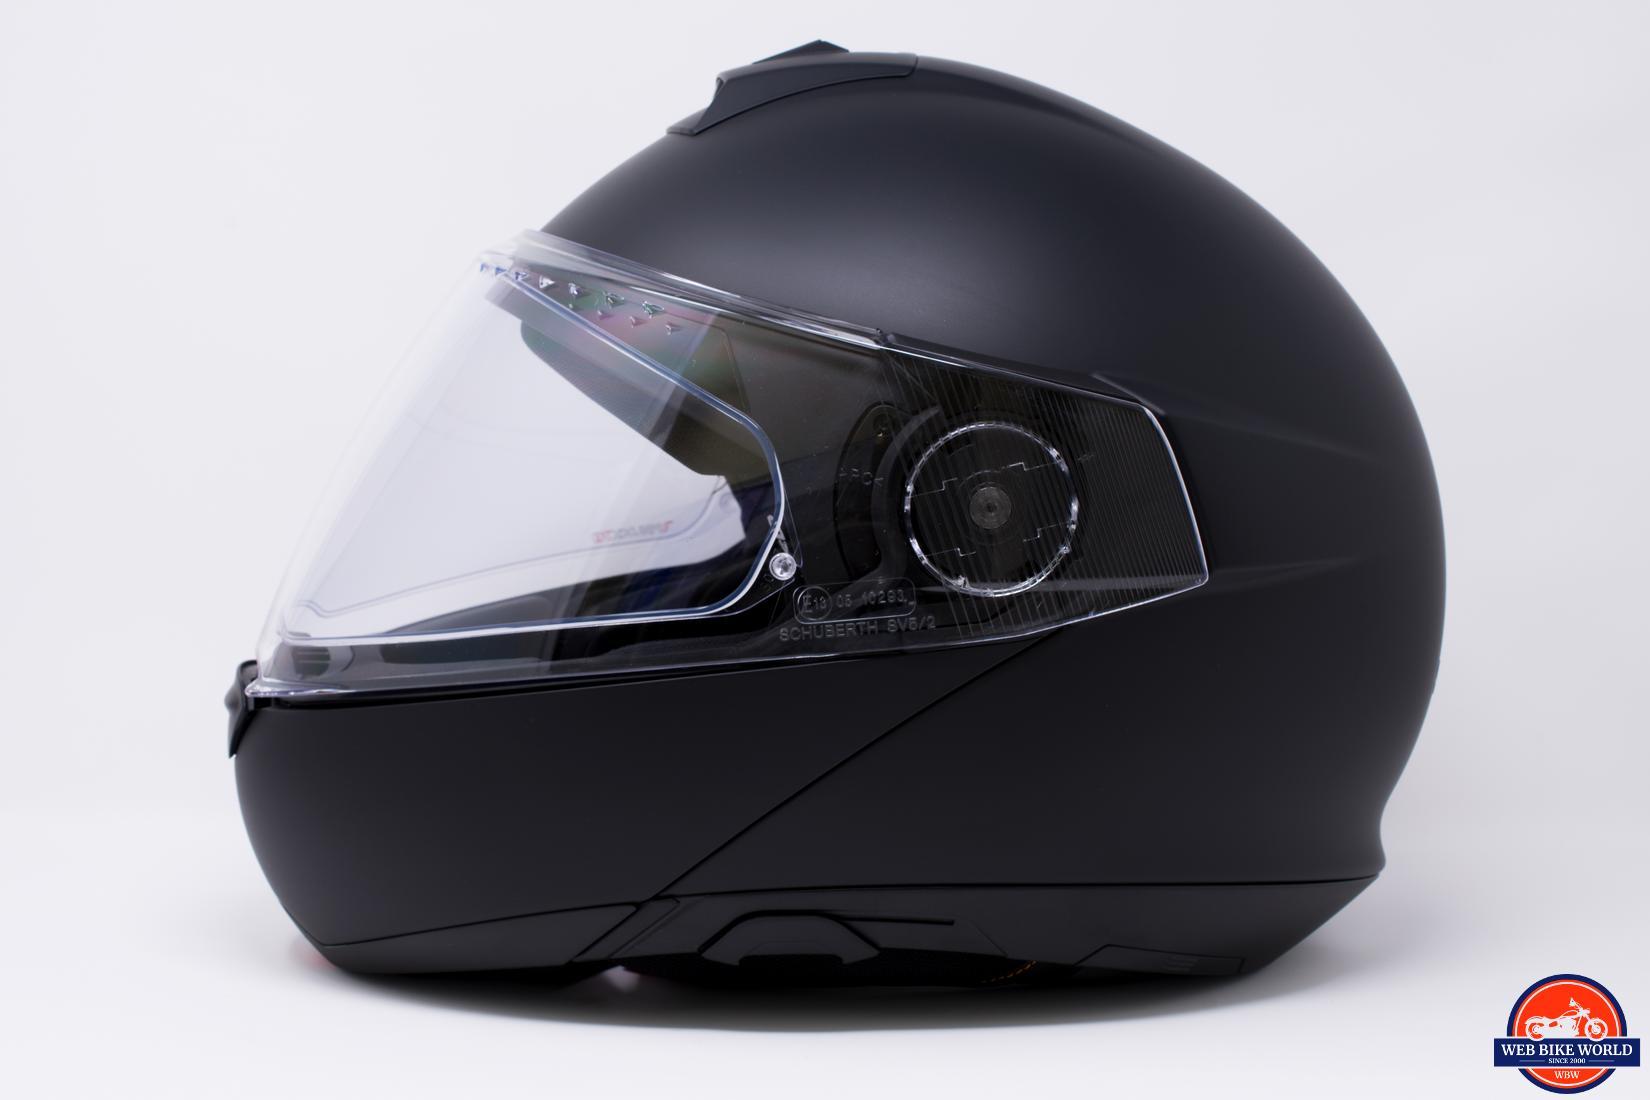 Schuberth open helmet: description and reviews. Outdoor motorcycle helmet Schubert